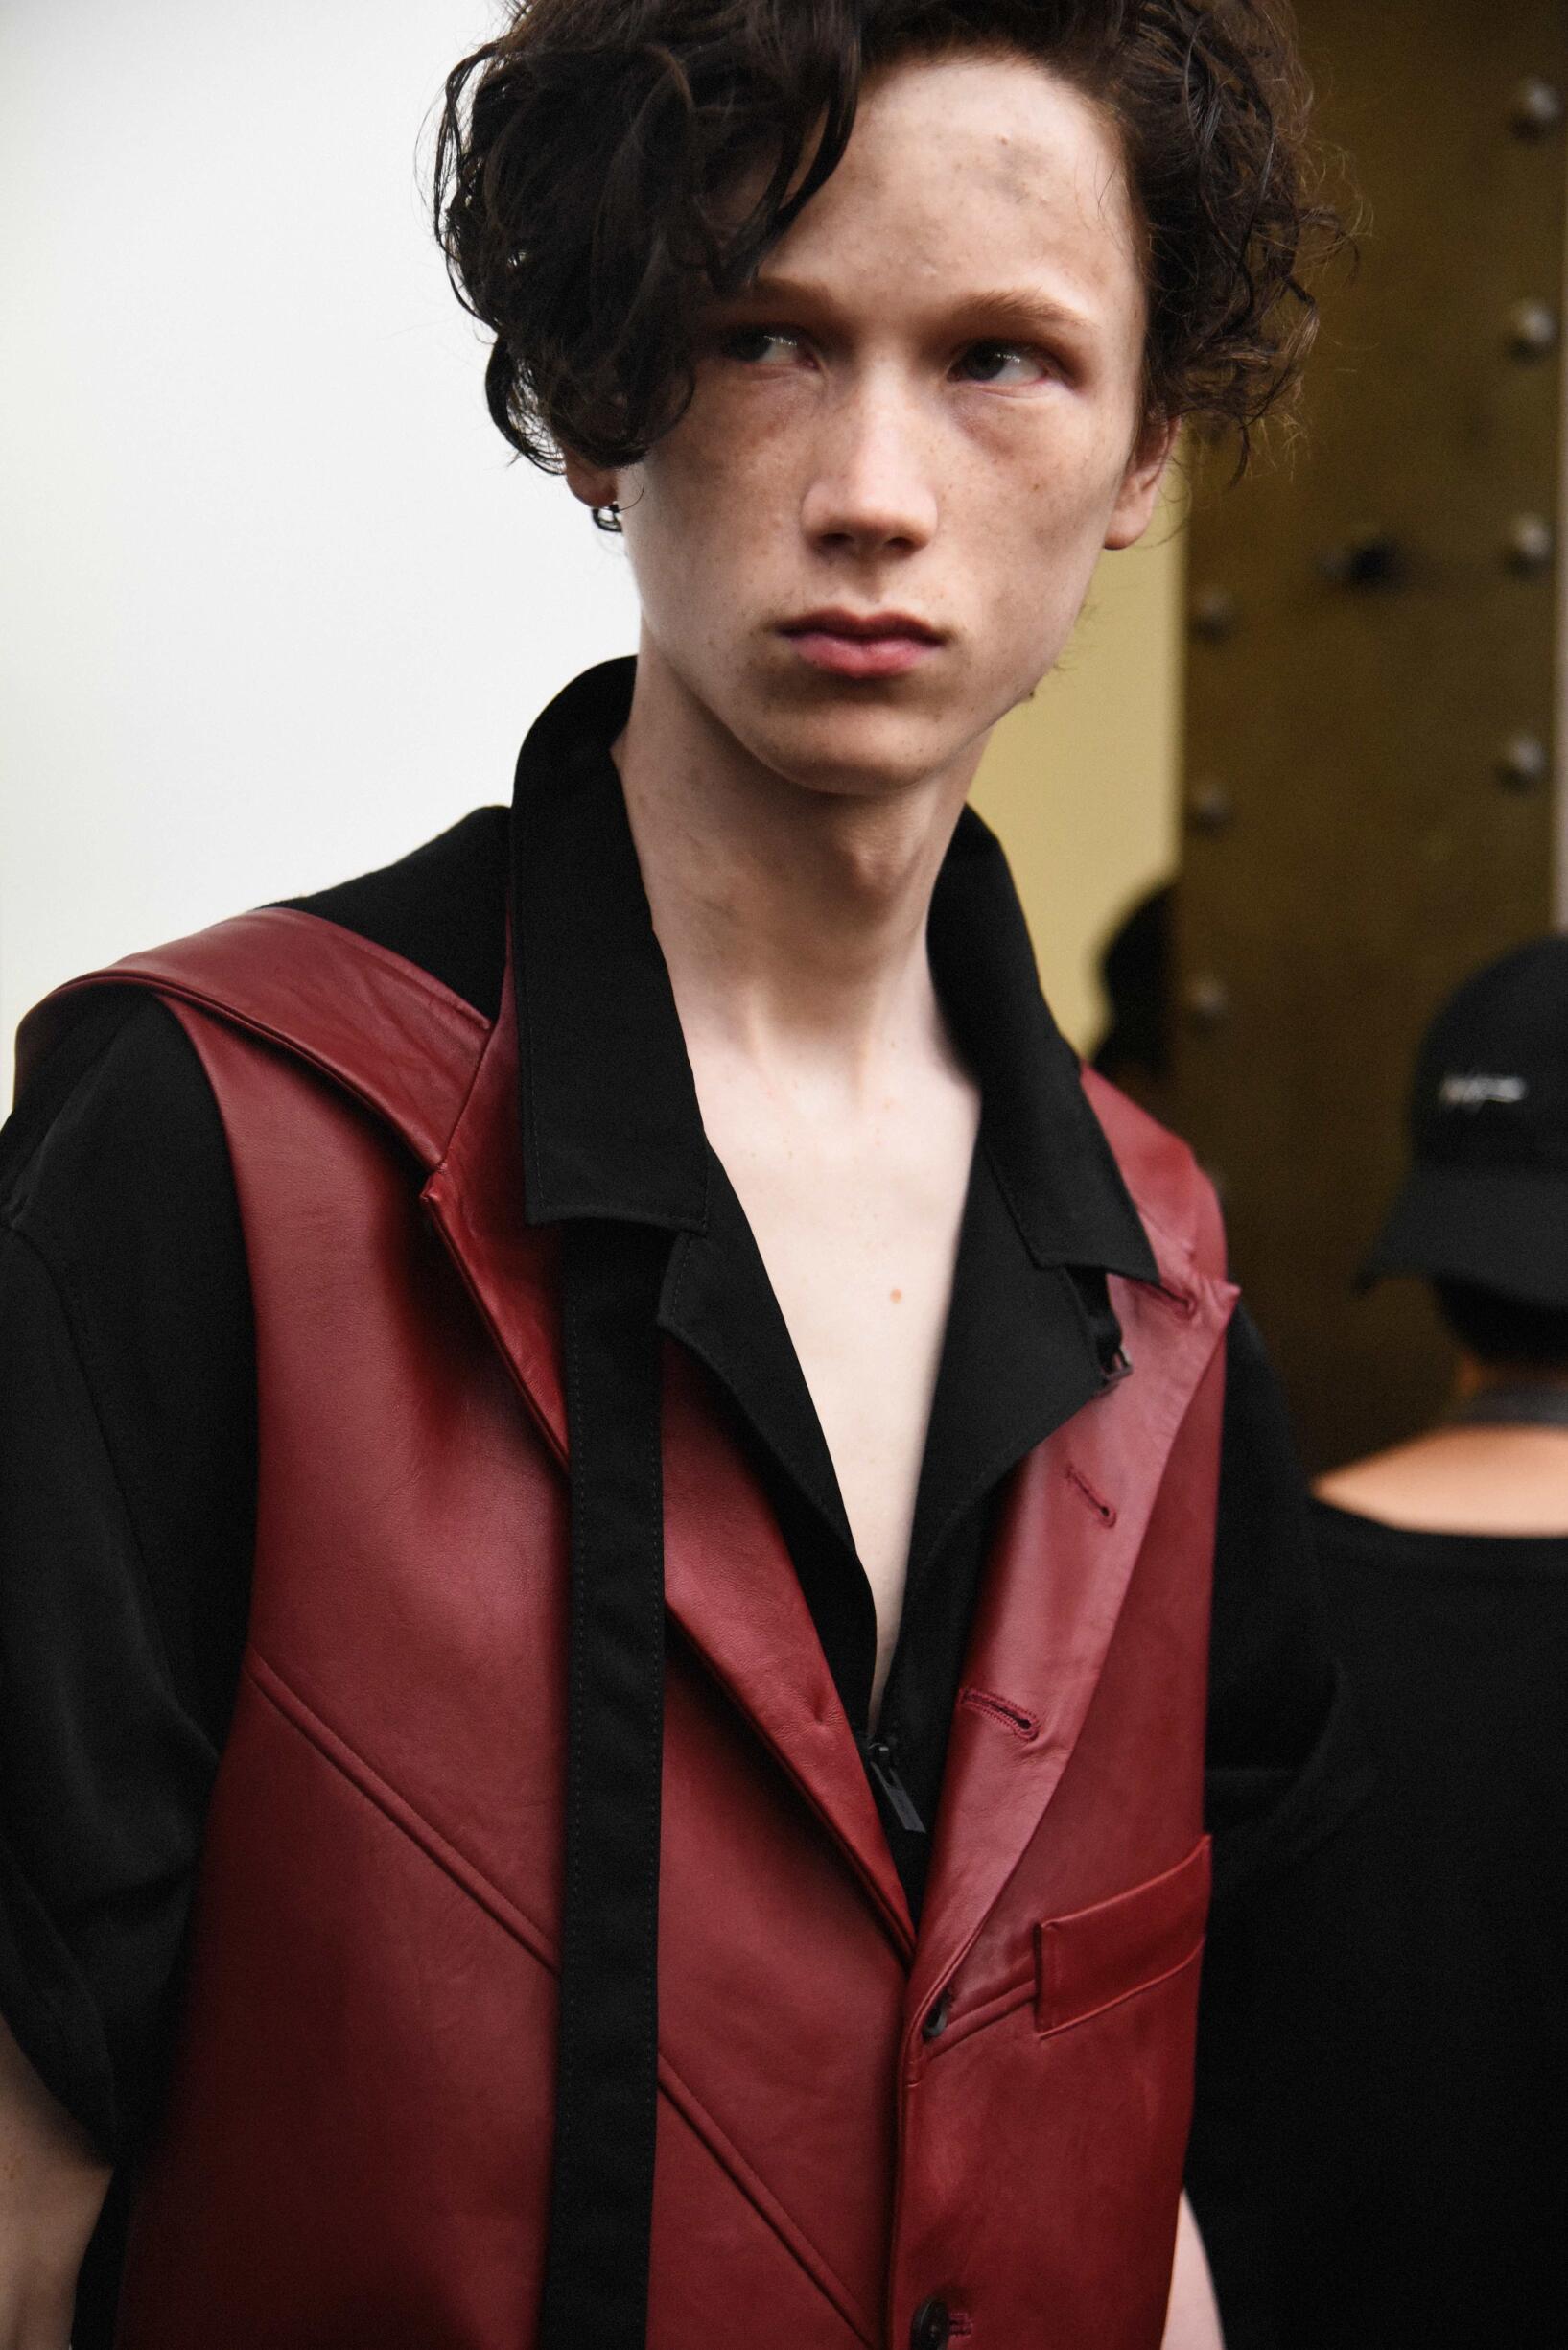 Model Backstage Yohji Yamamoto Spring Summer 2019 Men's Collection Paris Fashion Week